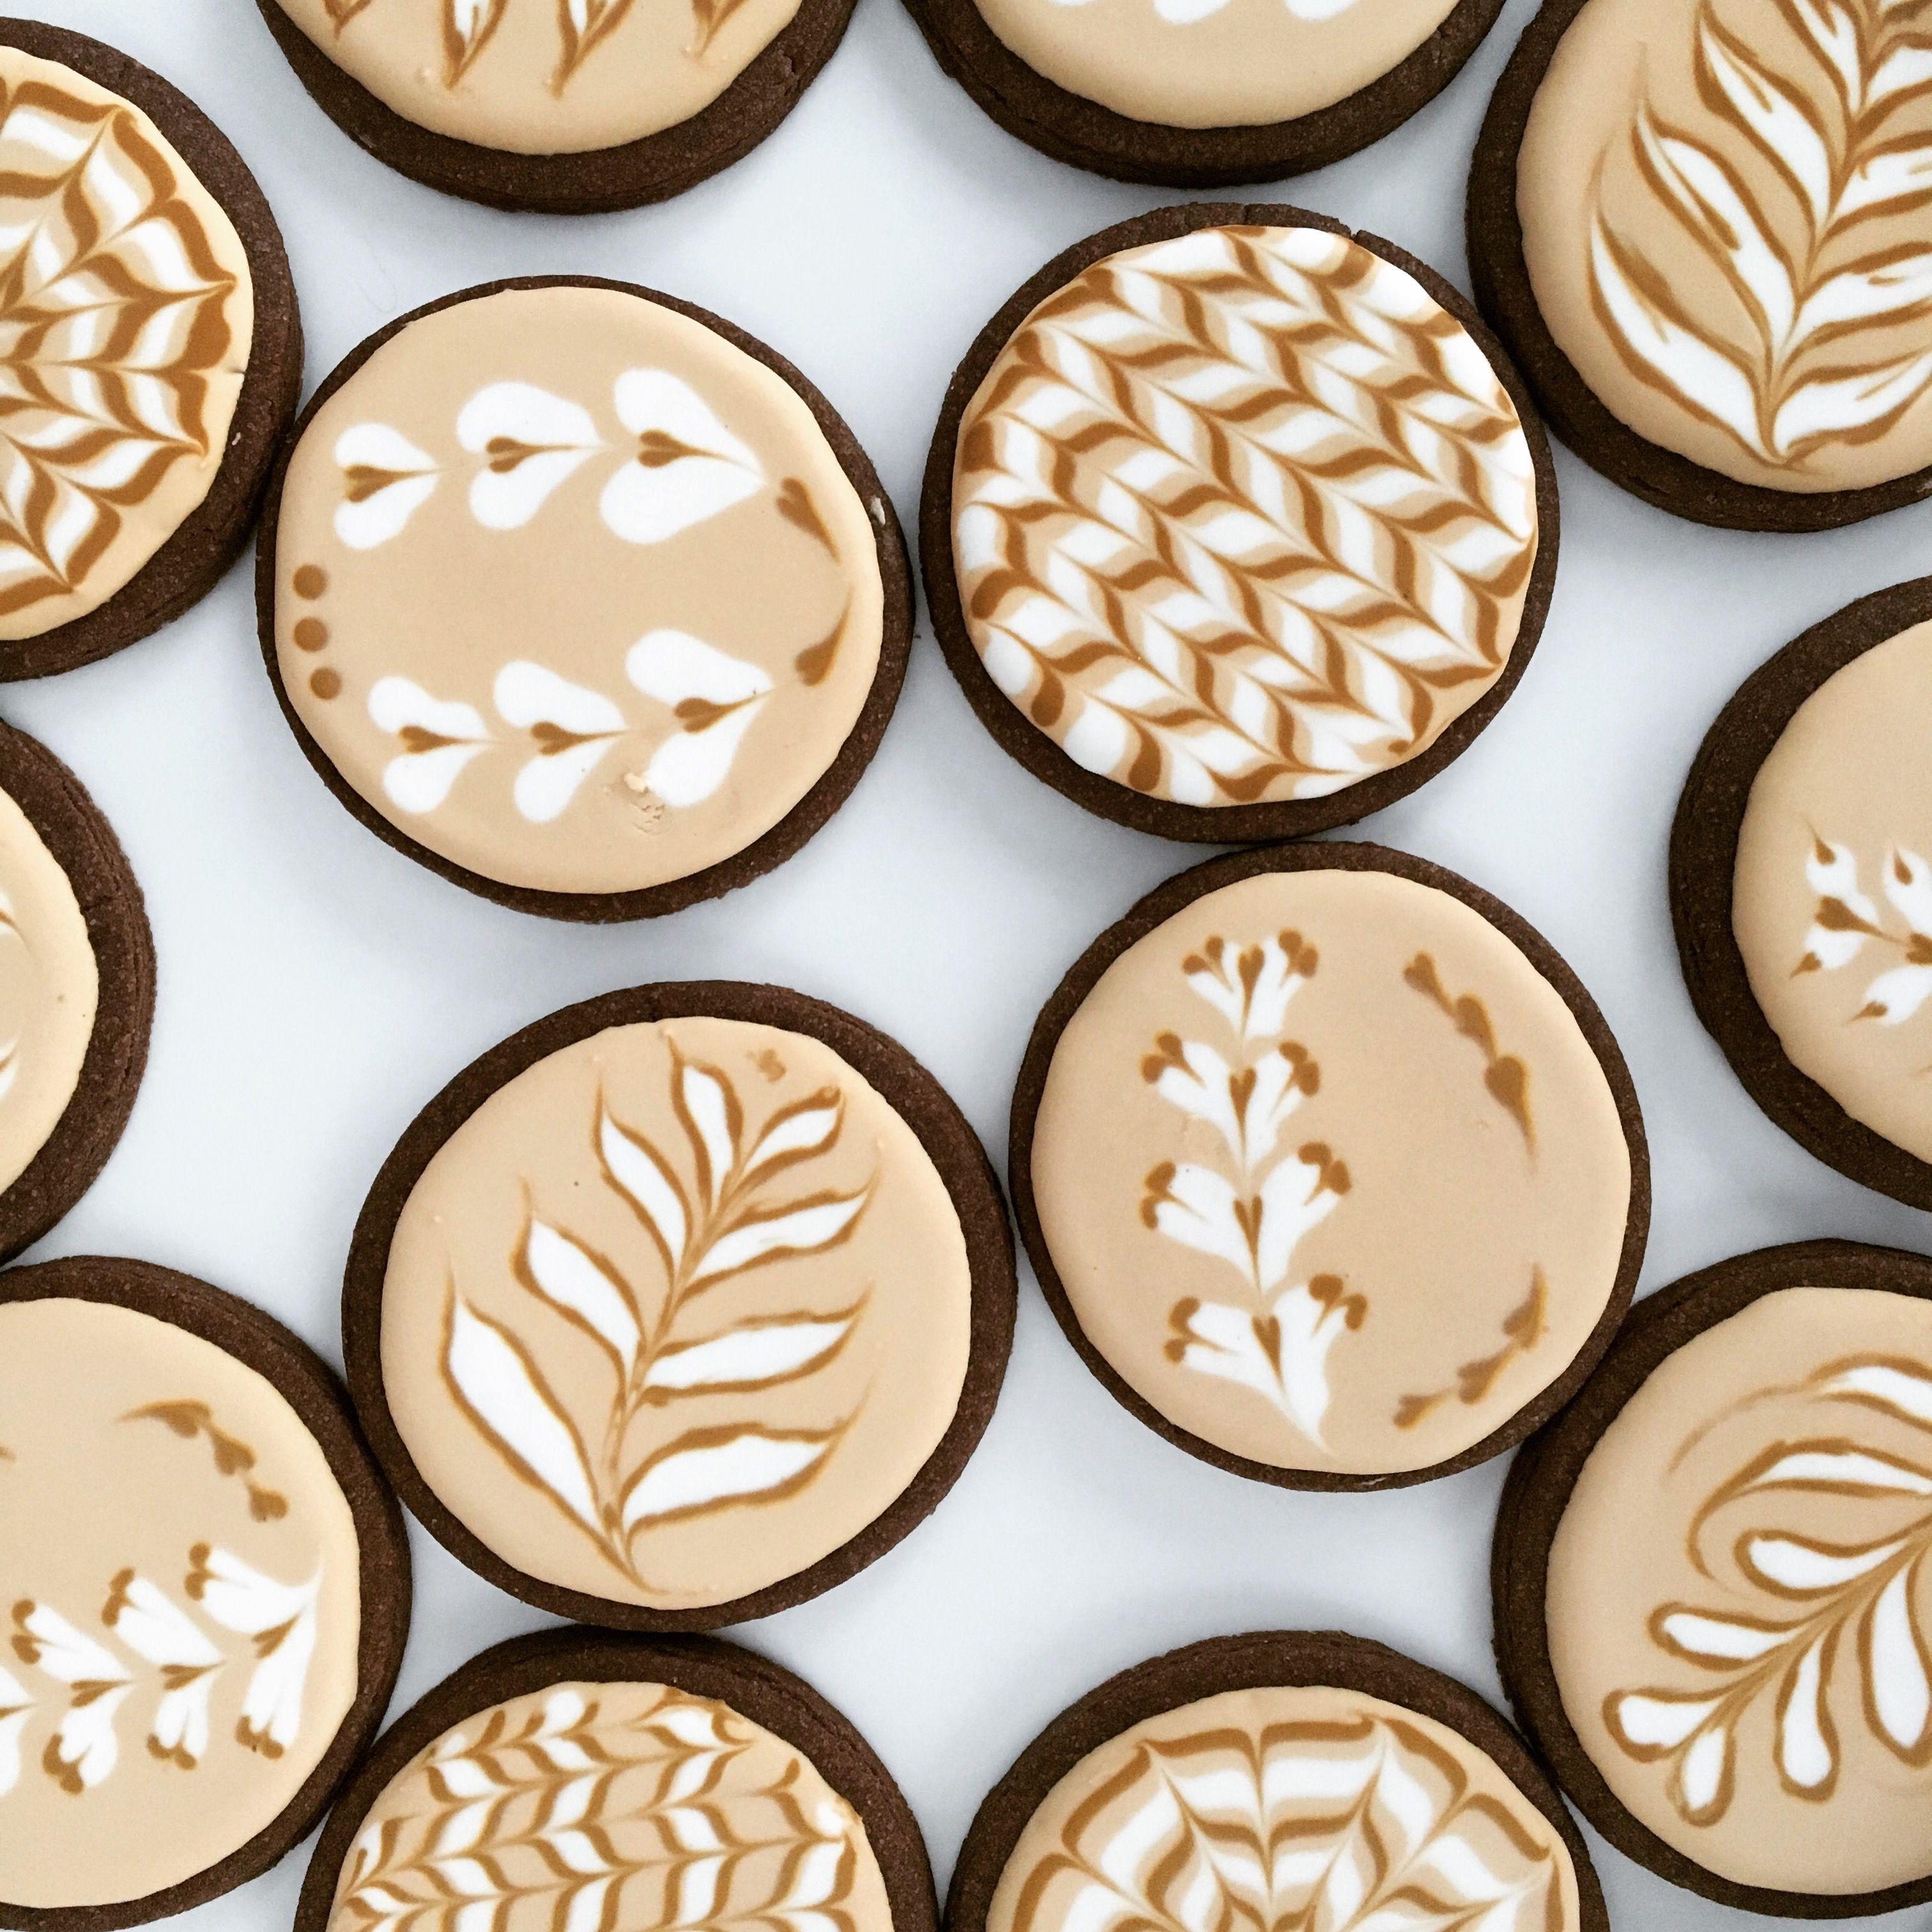 Cookies, No Flour Cookies, Sugar Cookie